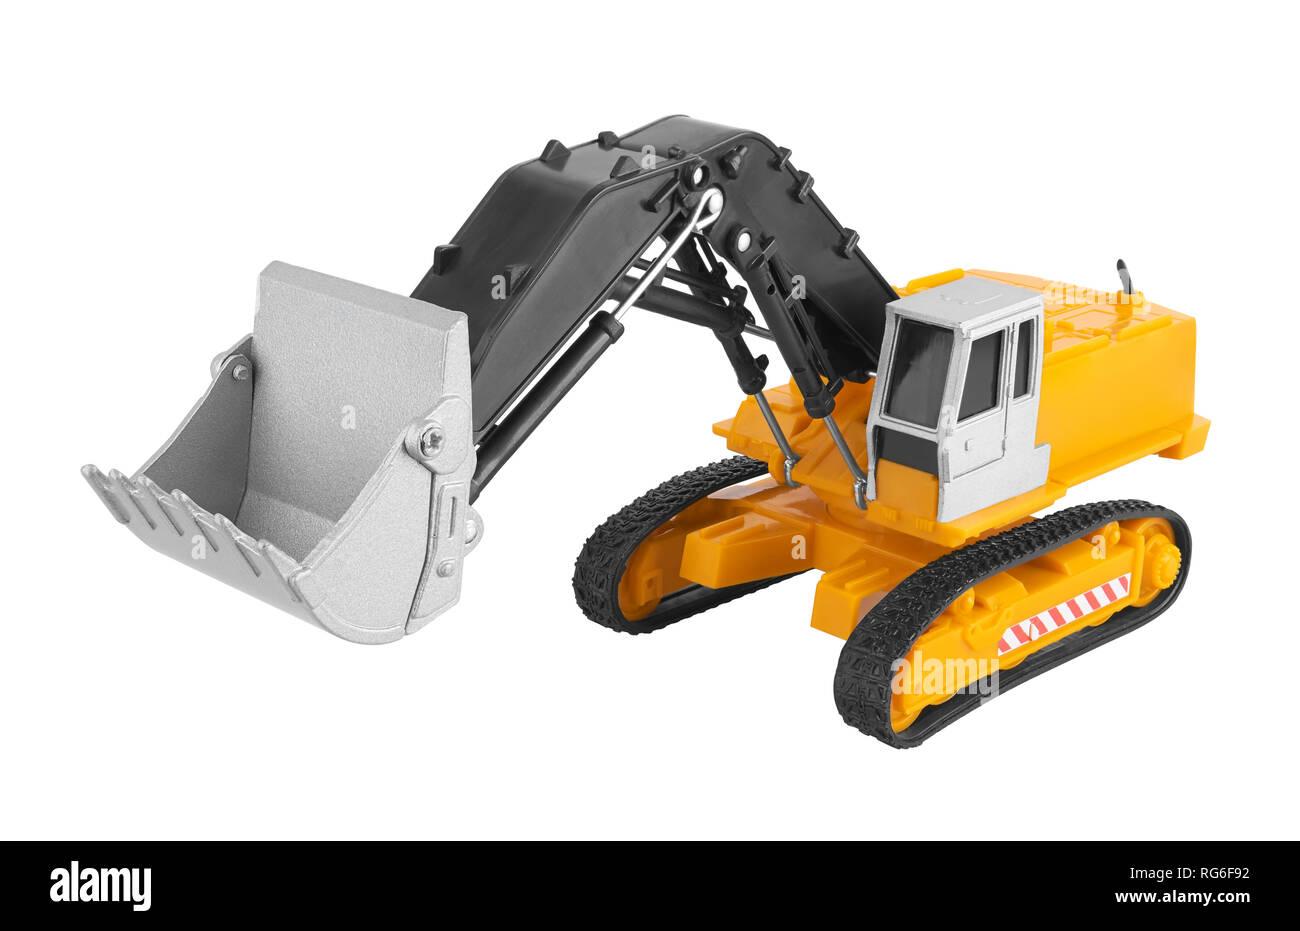 Bulldozer isolated on white background. Model. - Stock Image